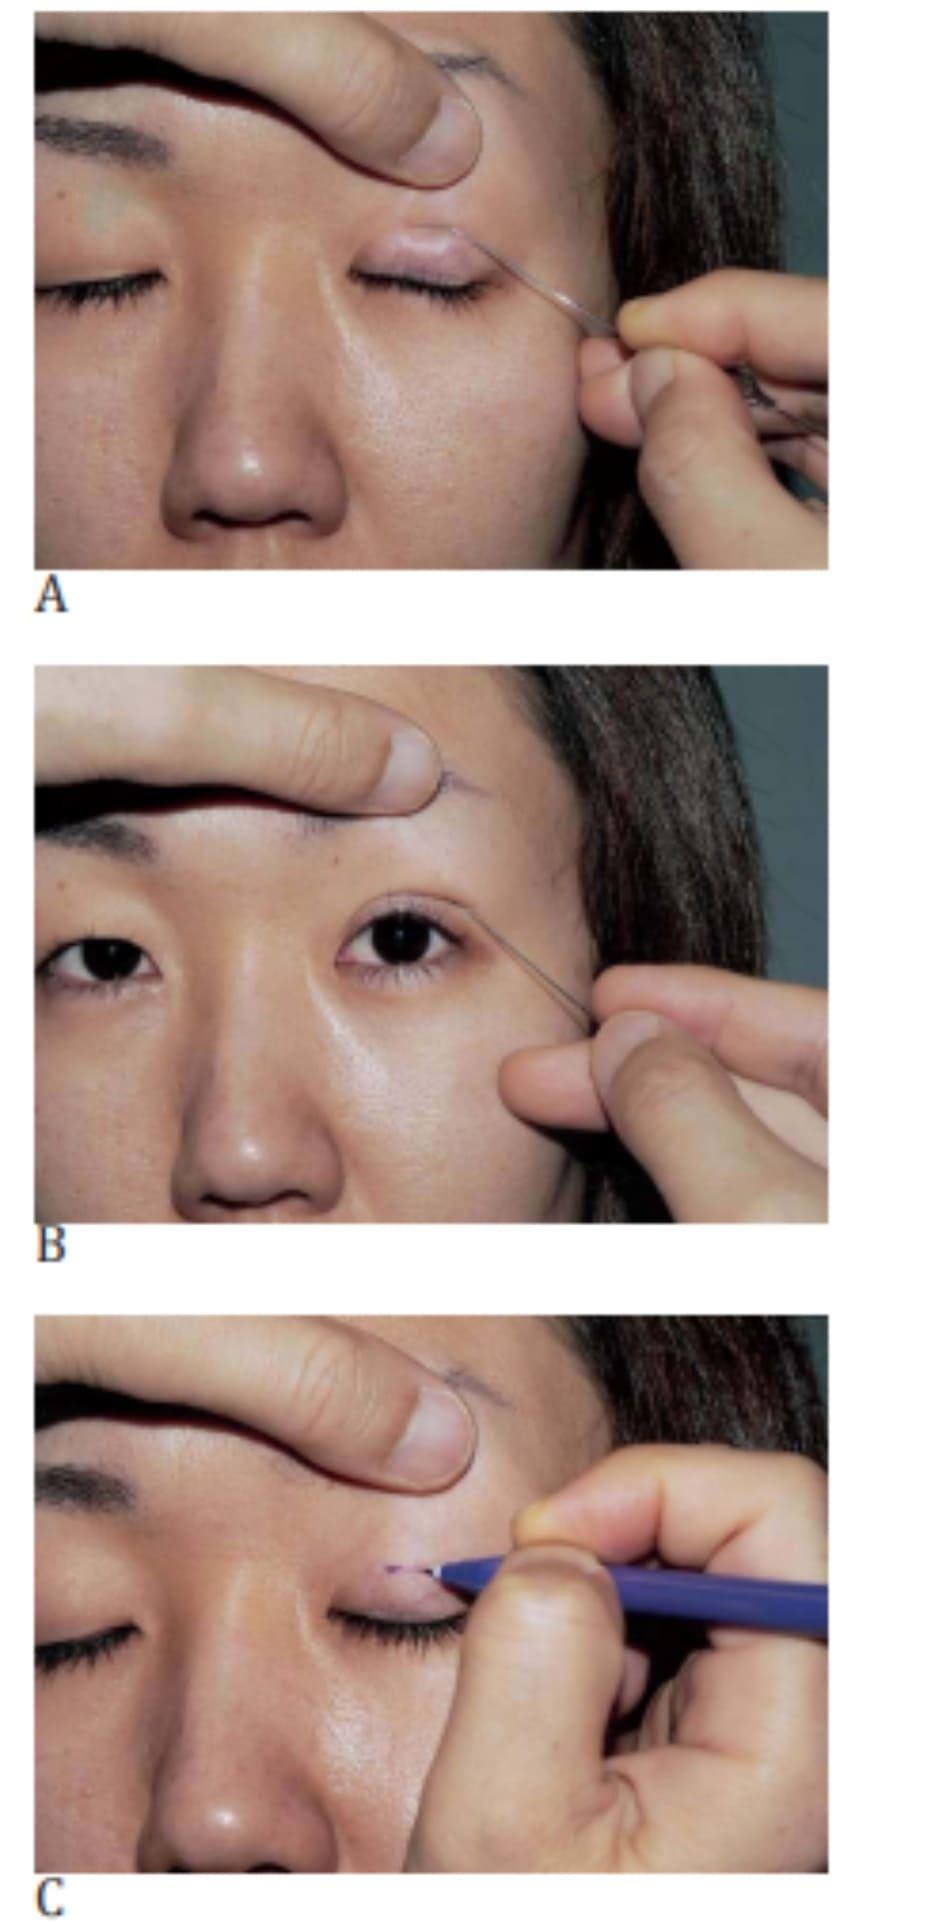 Hình 4-1 A, Nhấn que thông lệ đạo vào mí mắt trên. B, Nếp gấp hai mí được mô phỏng, C, Vẽ đường rạch.